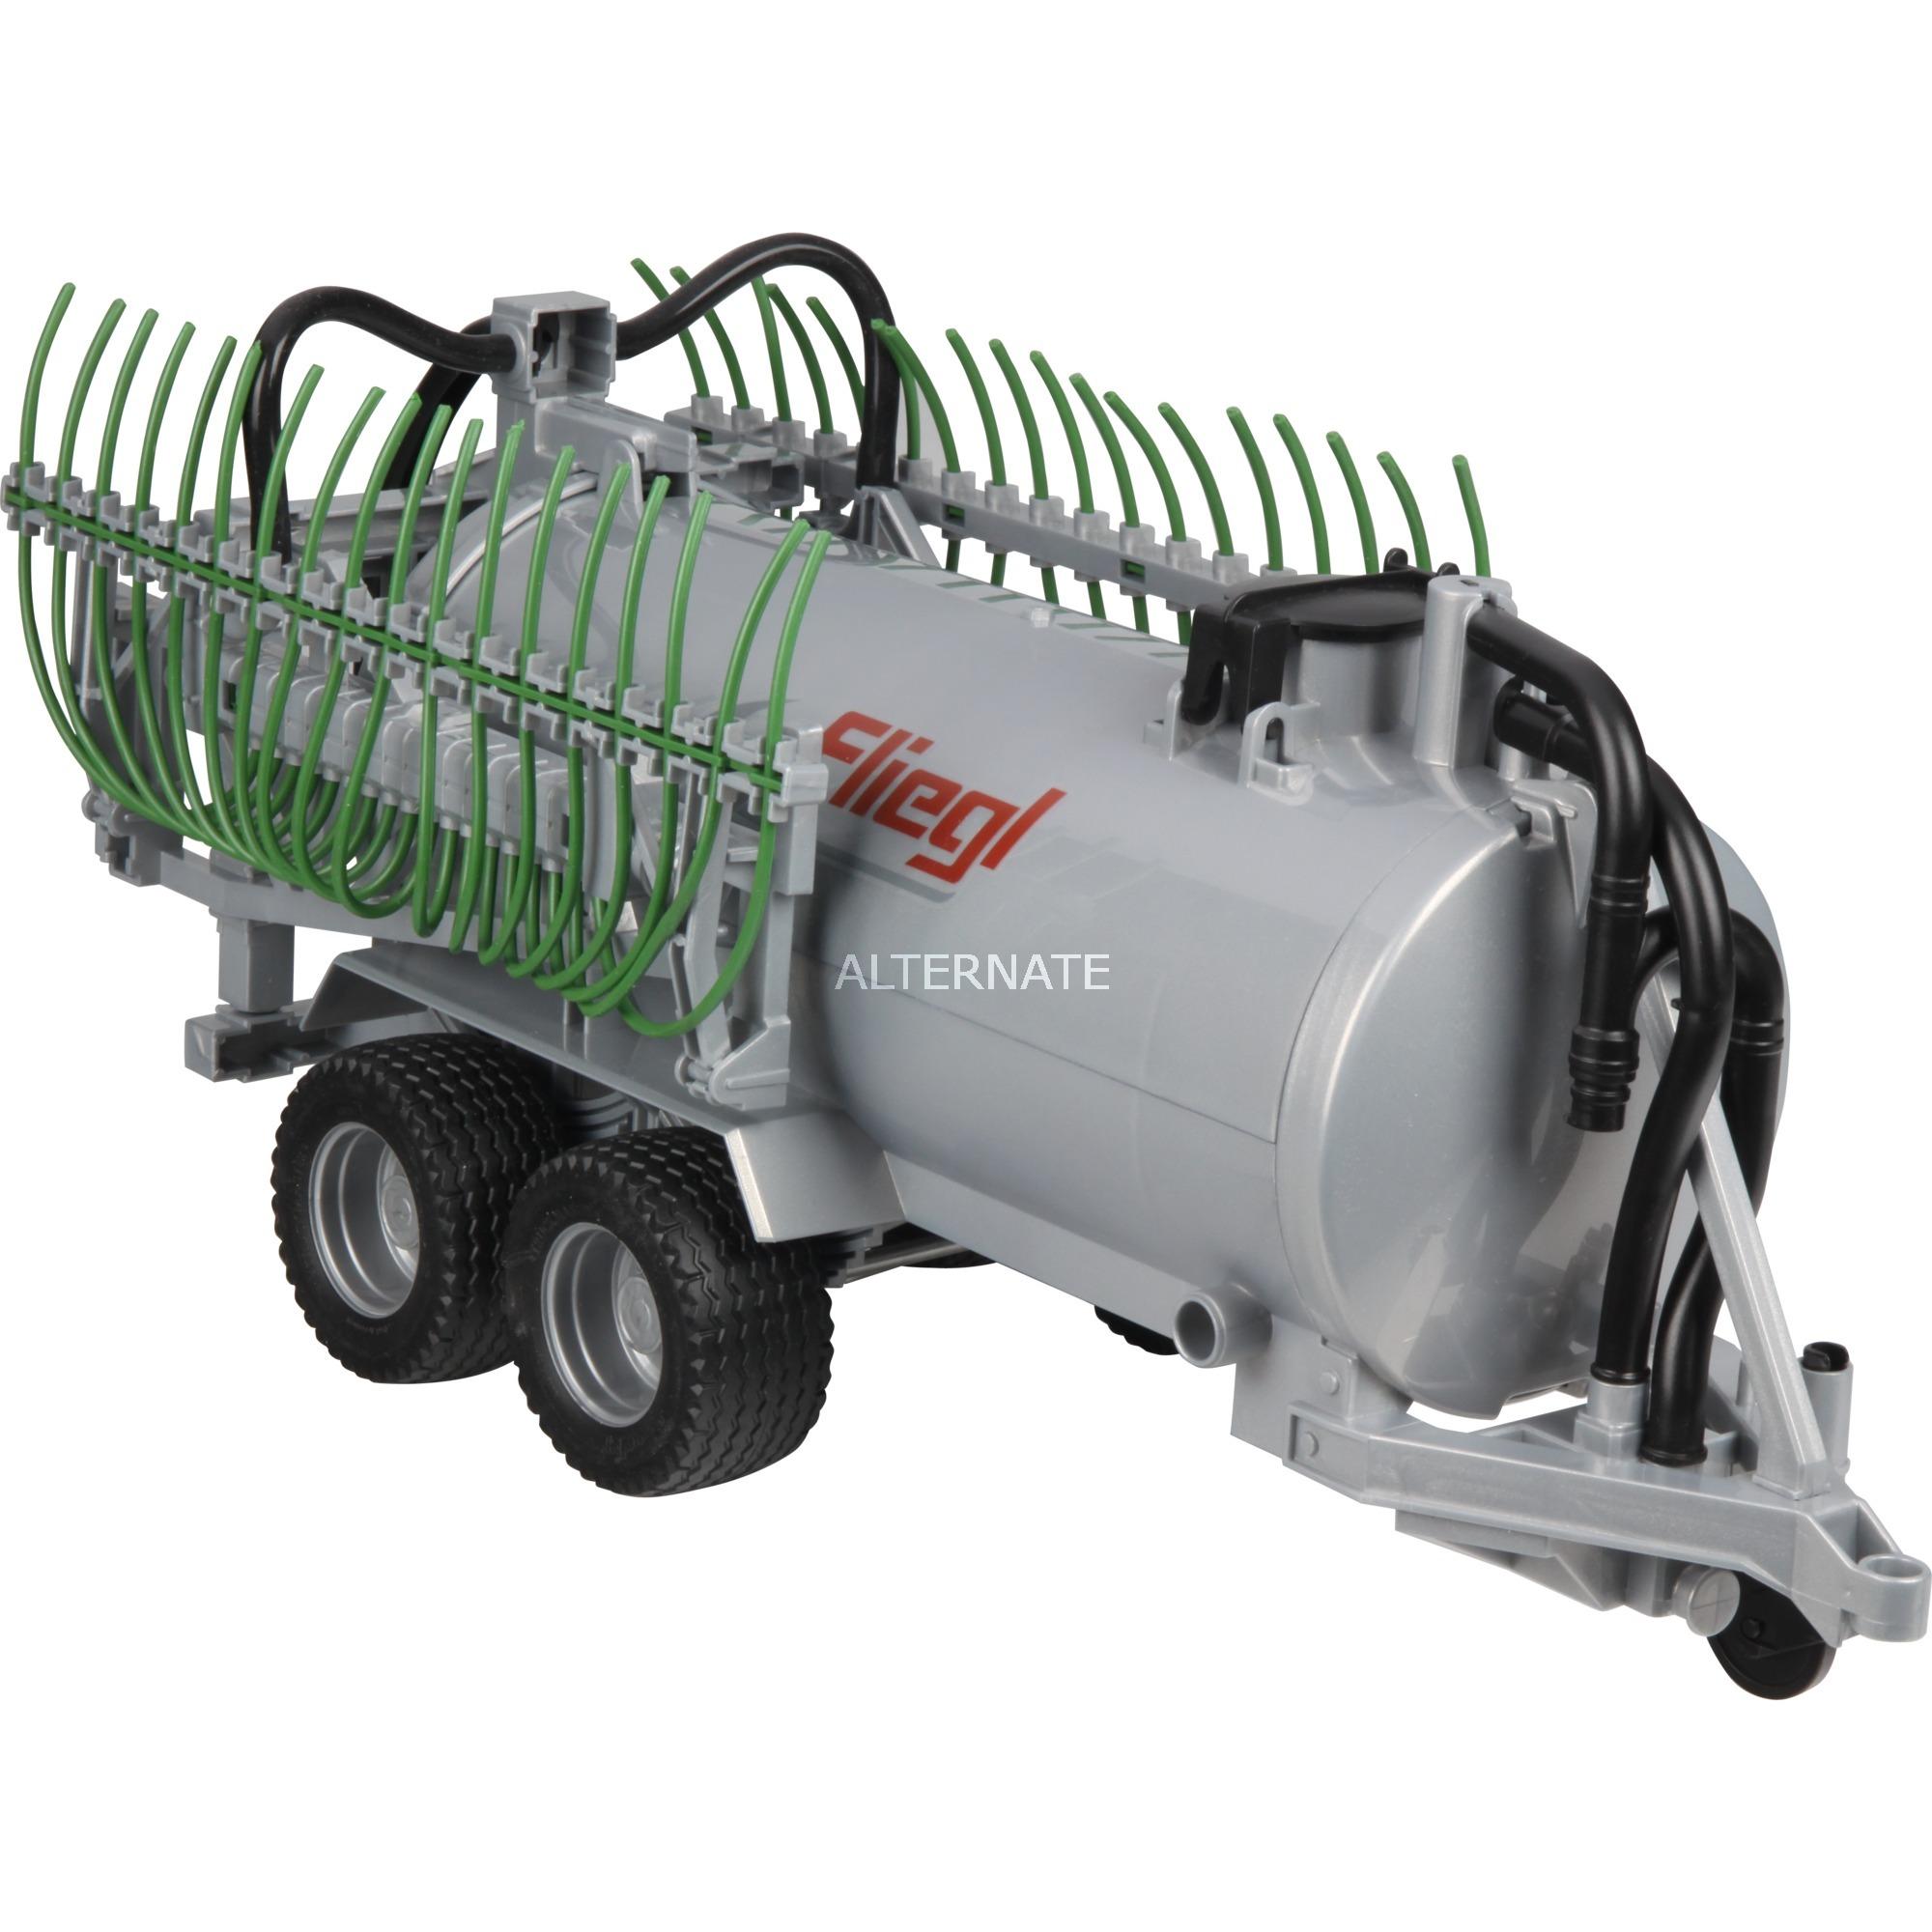 02020 De plástico vehículo de juguete, Automóvil de construcción